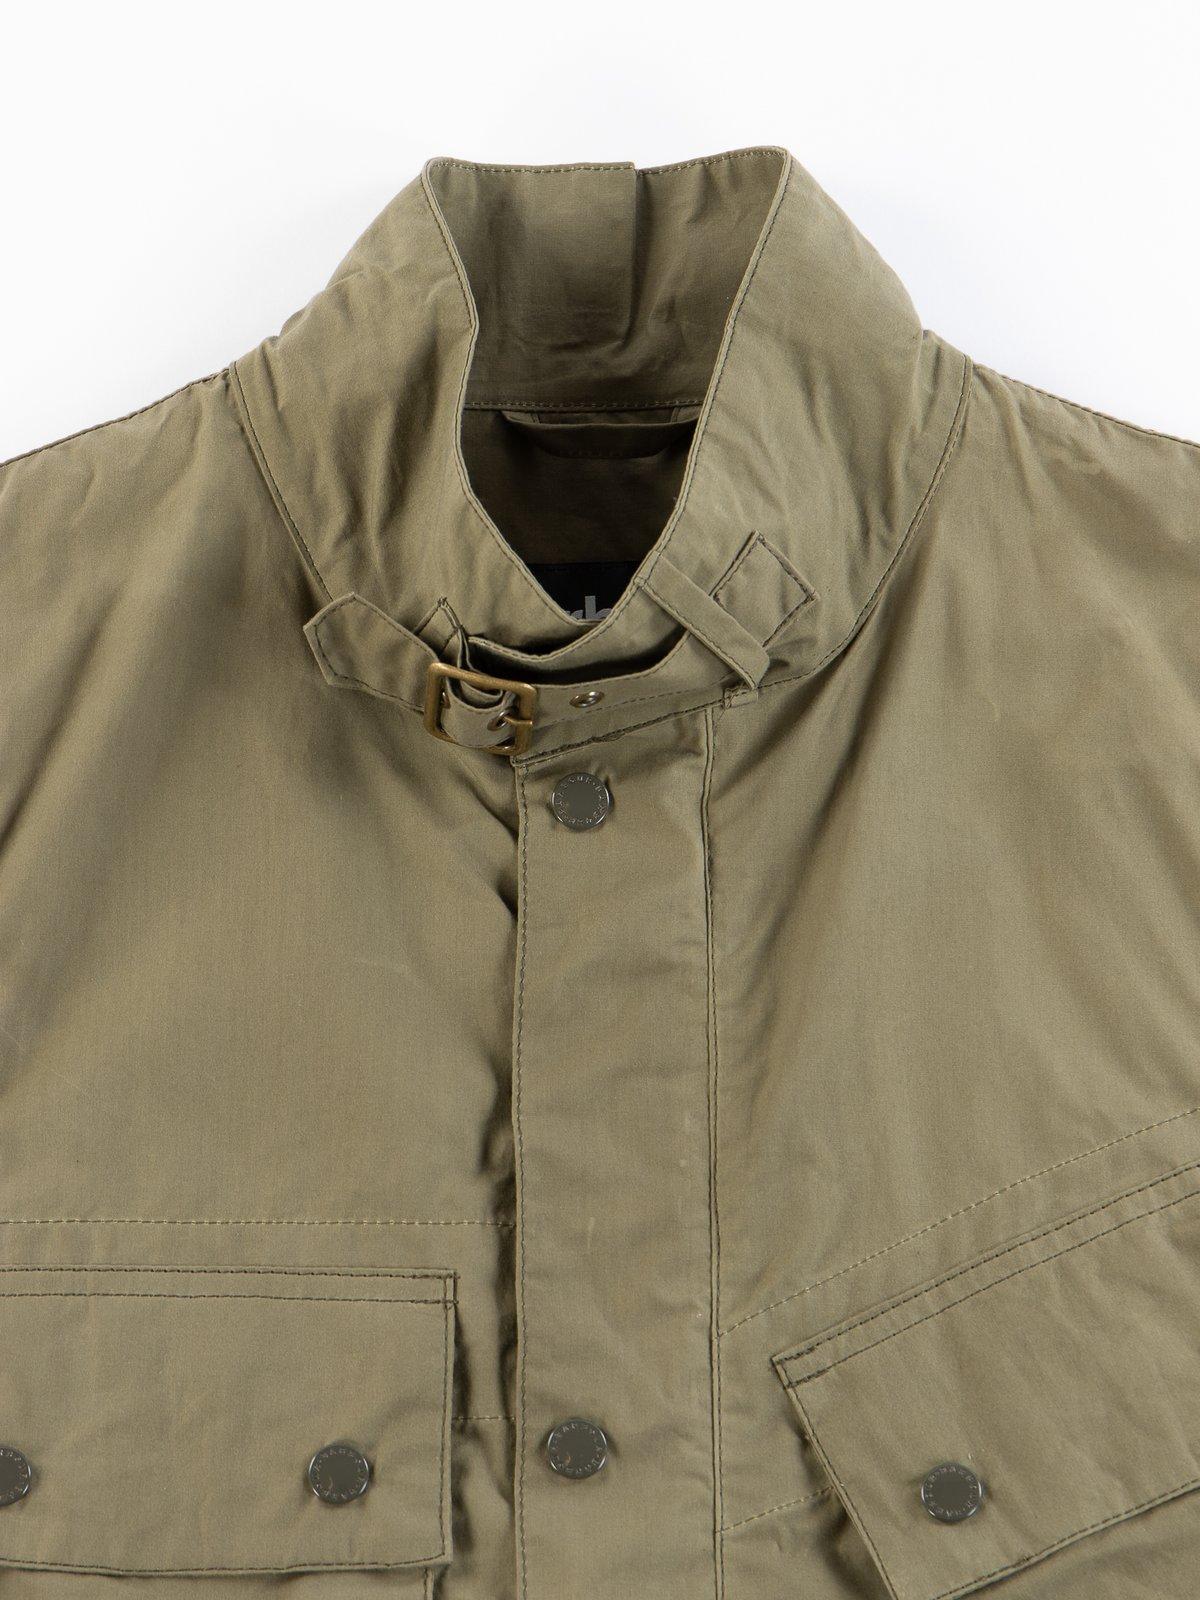 Olive Arthur Vest - Image 3